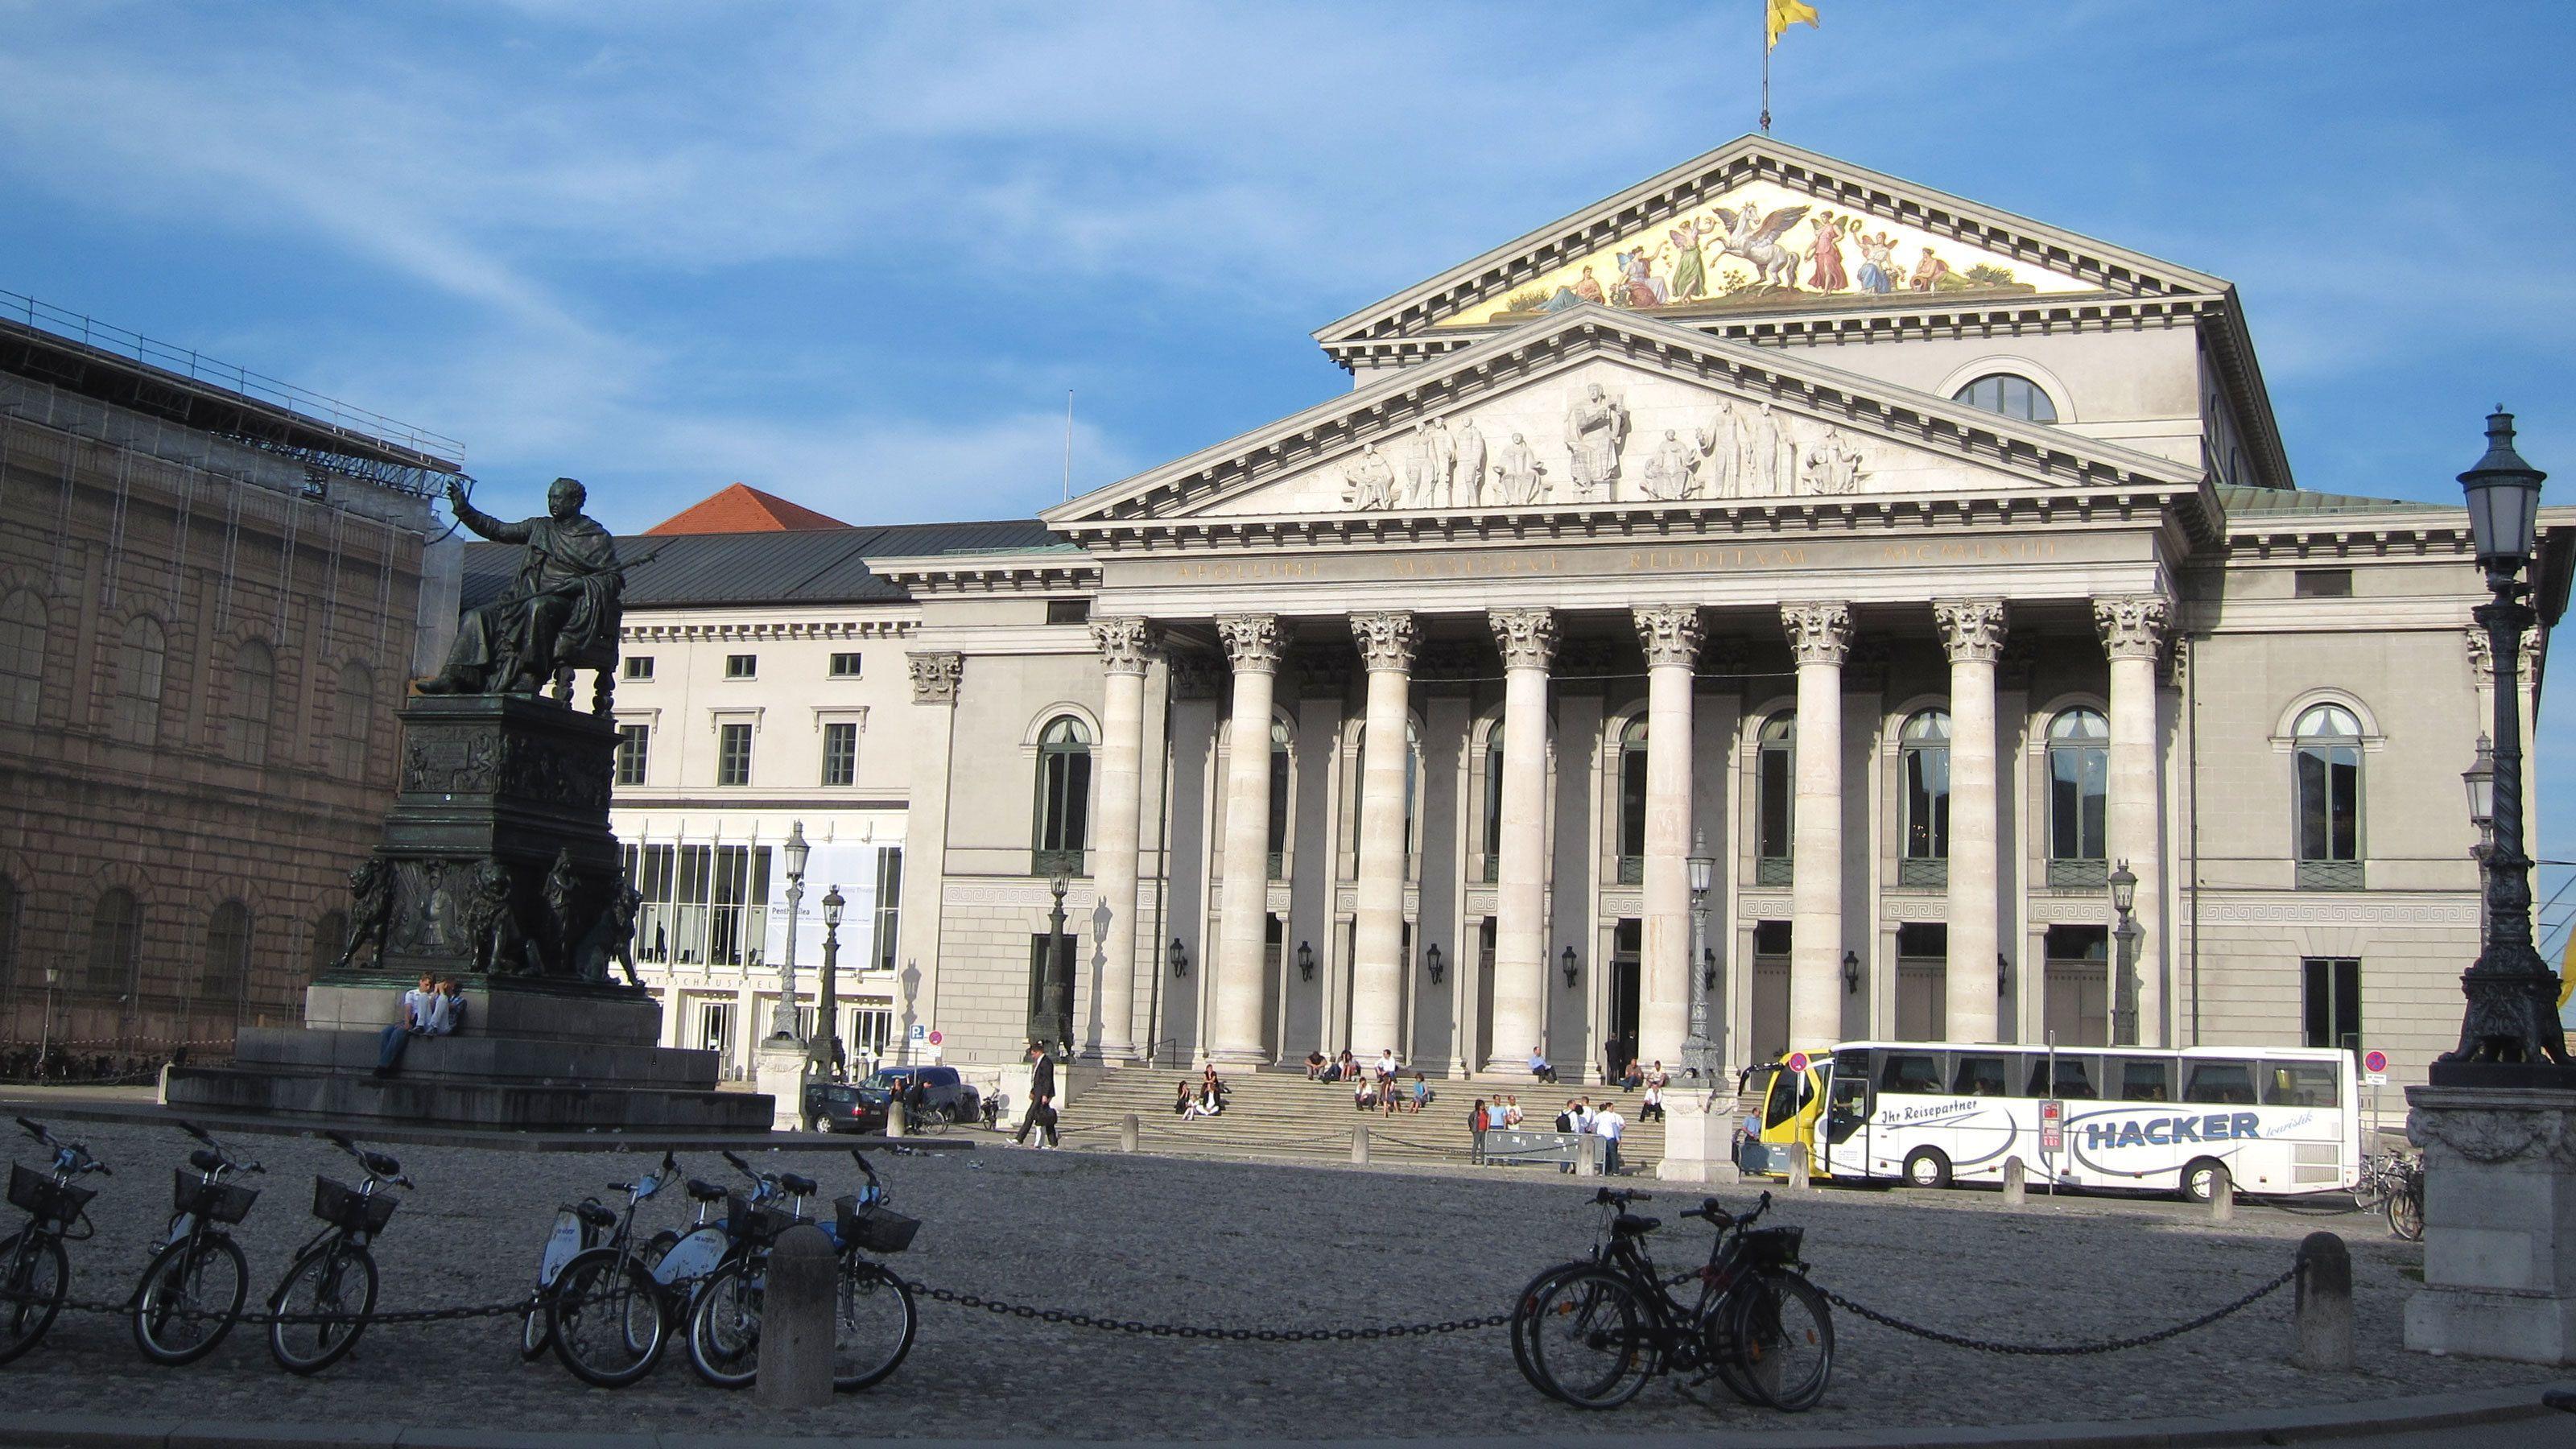 Konigsplatz in Munich